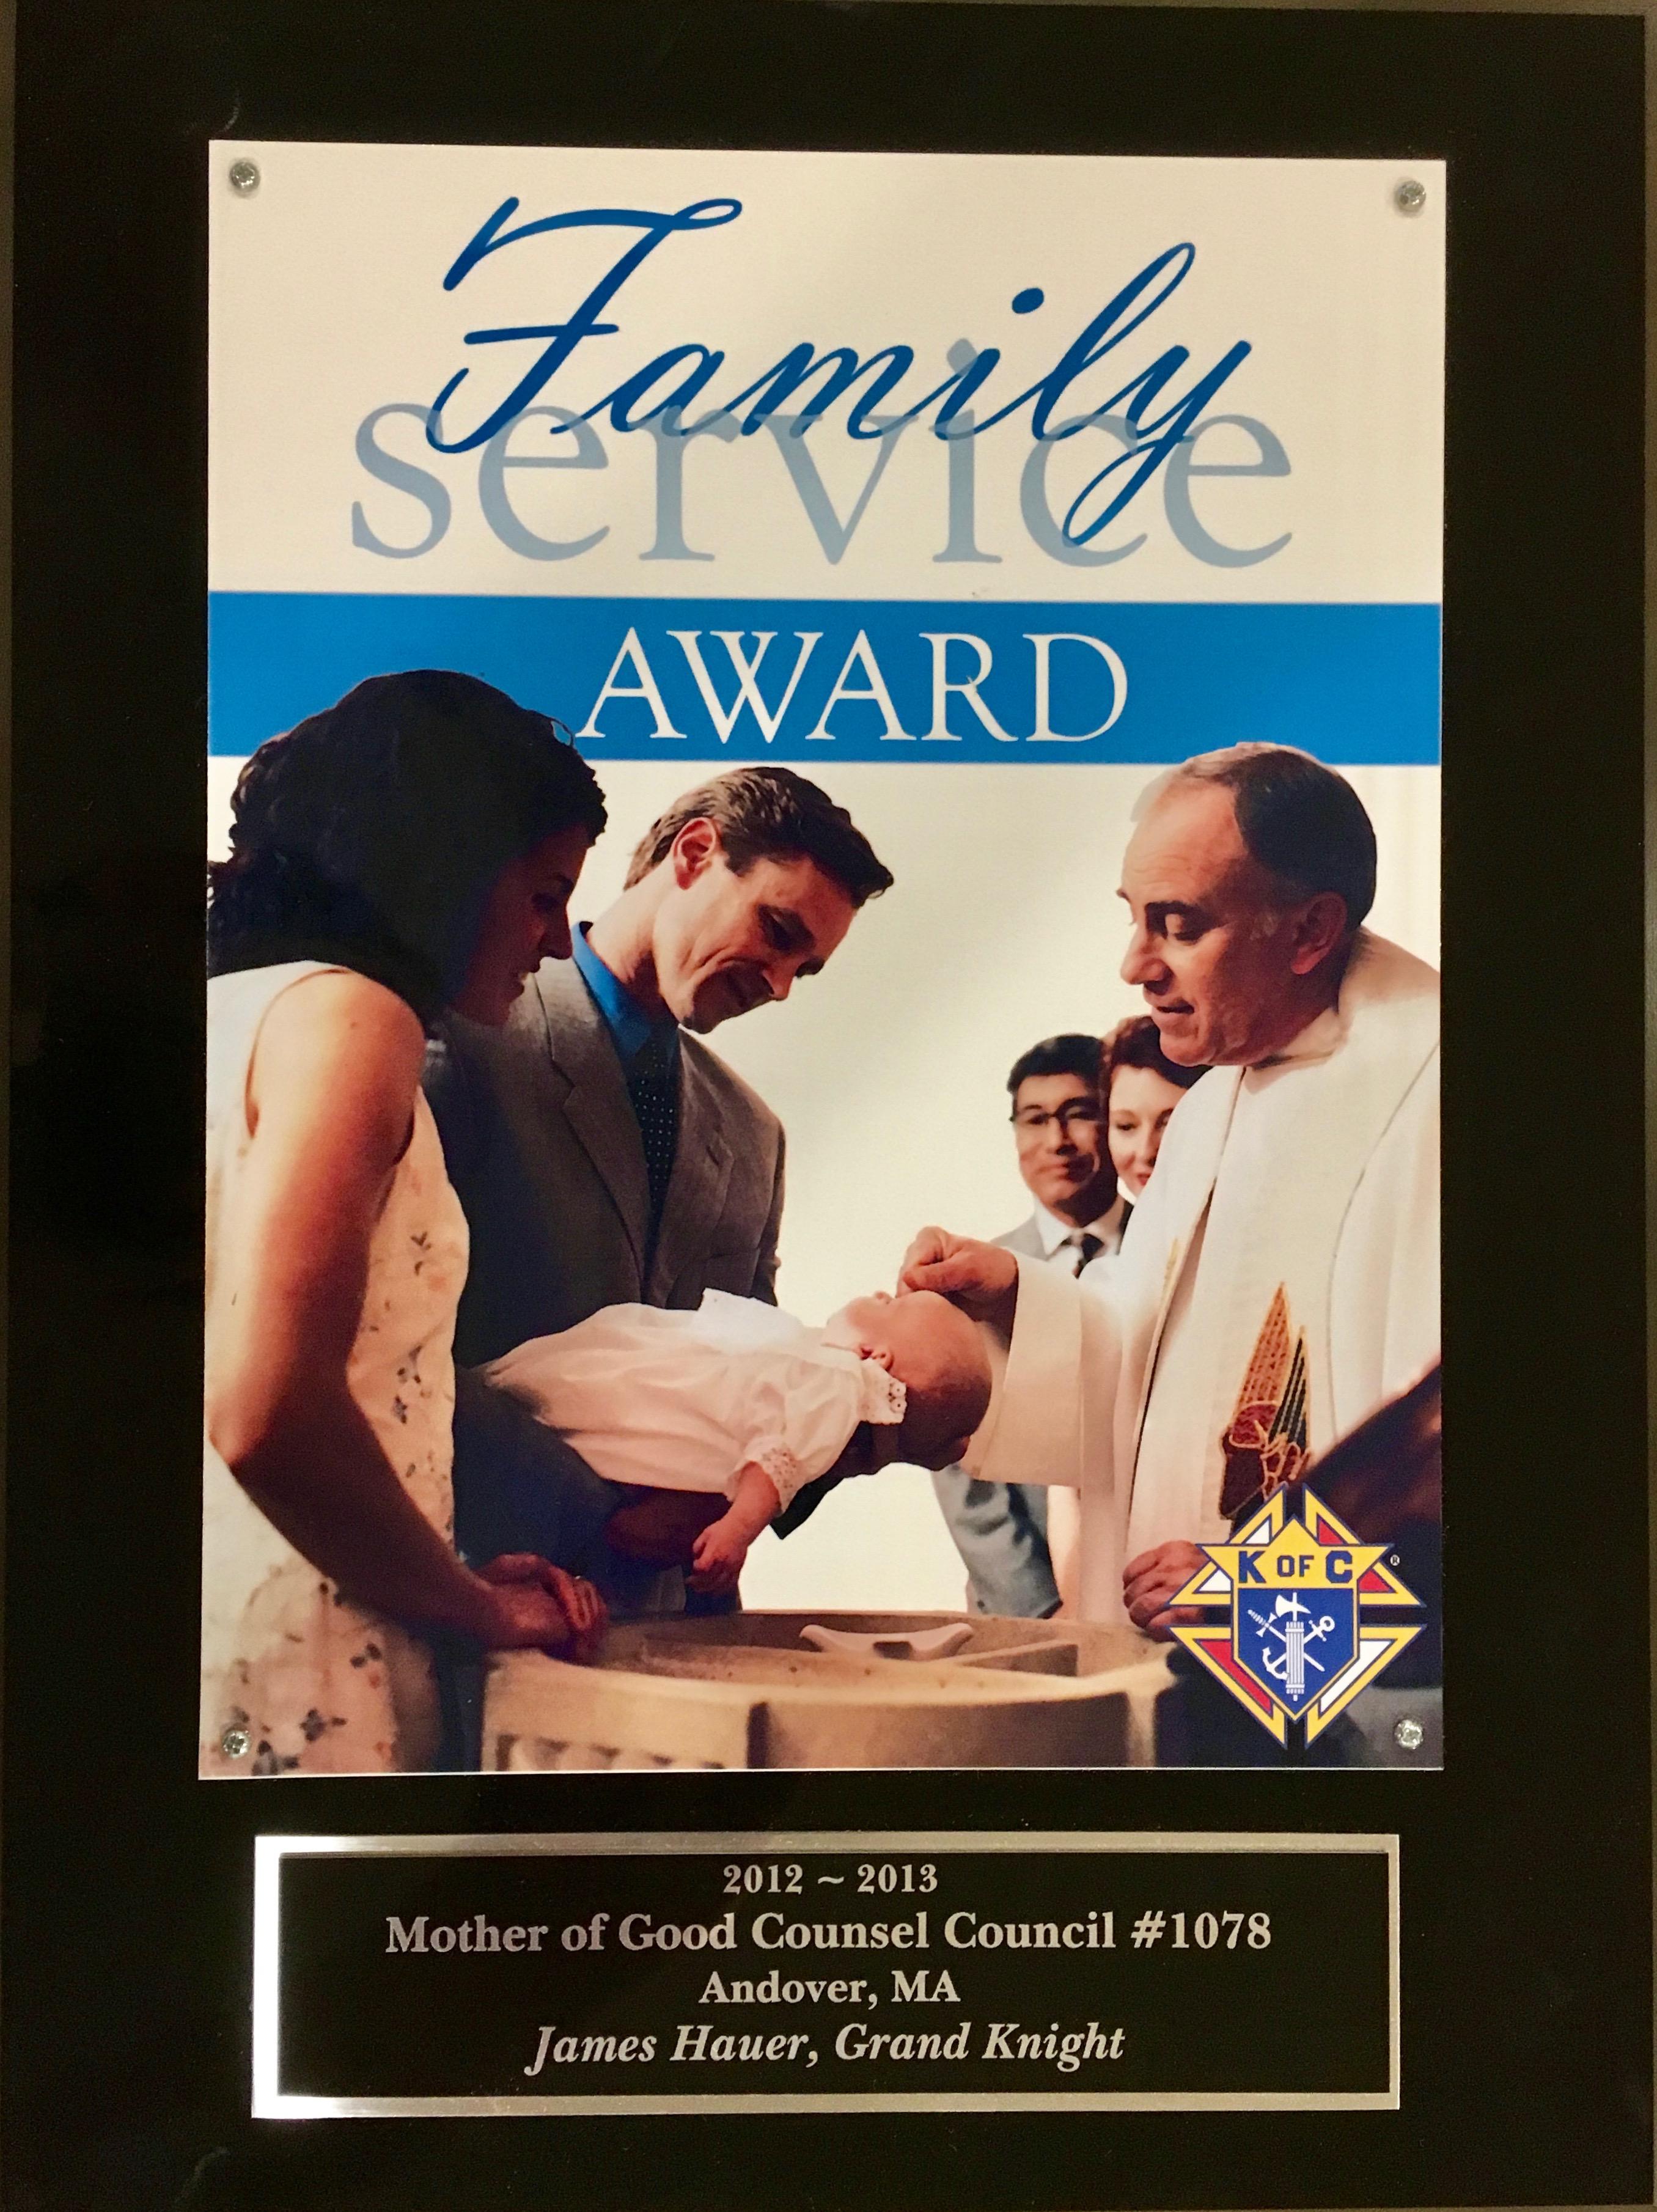 Family Service Award to Council 1078